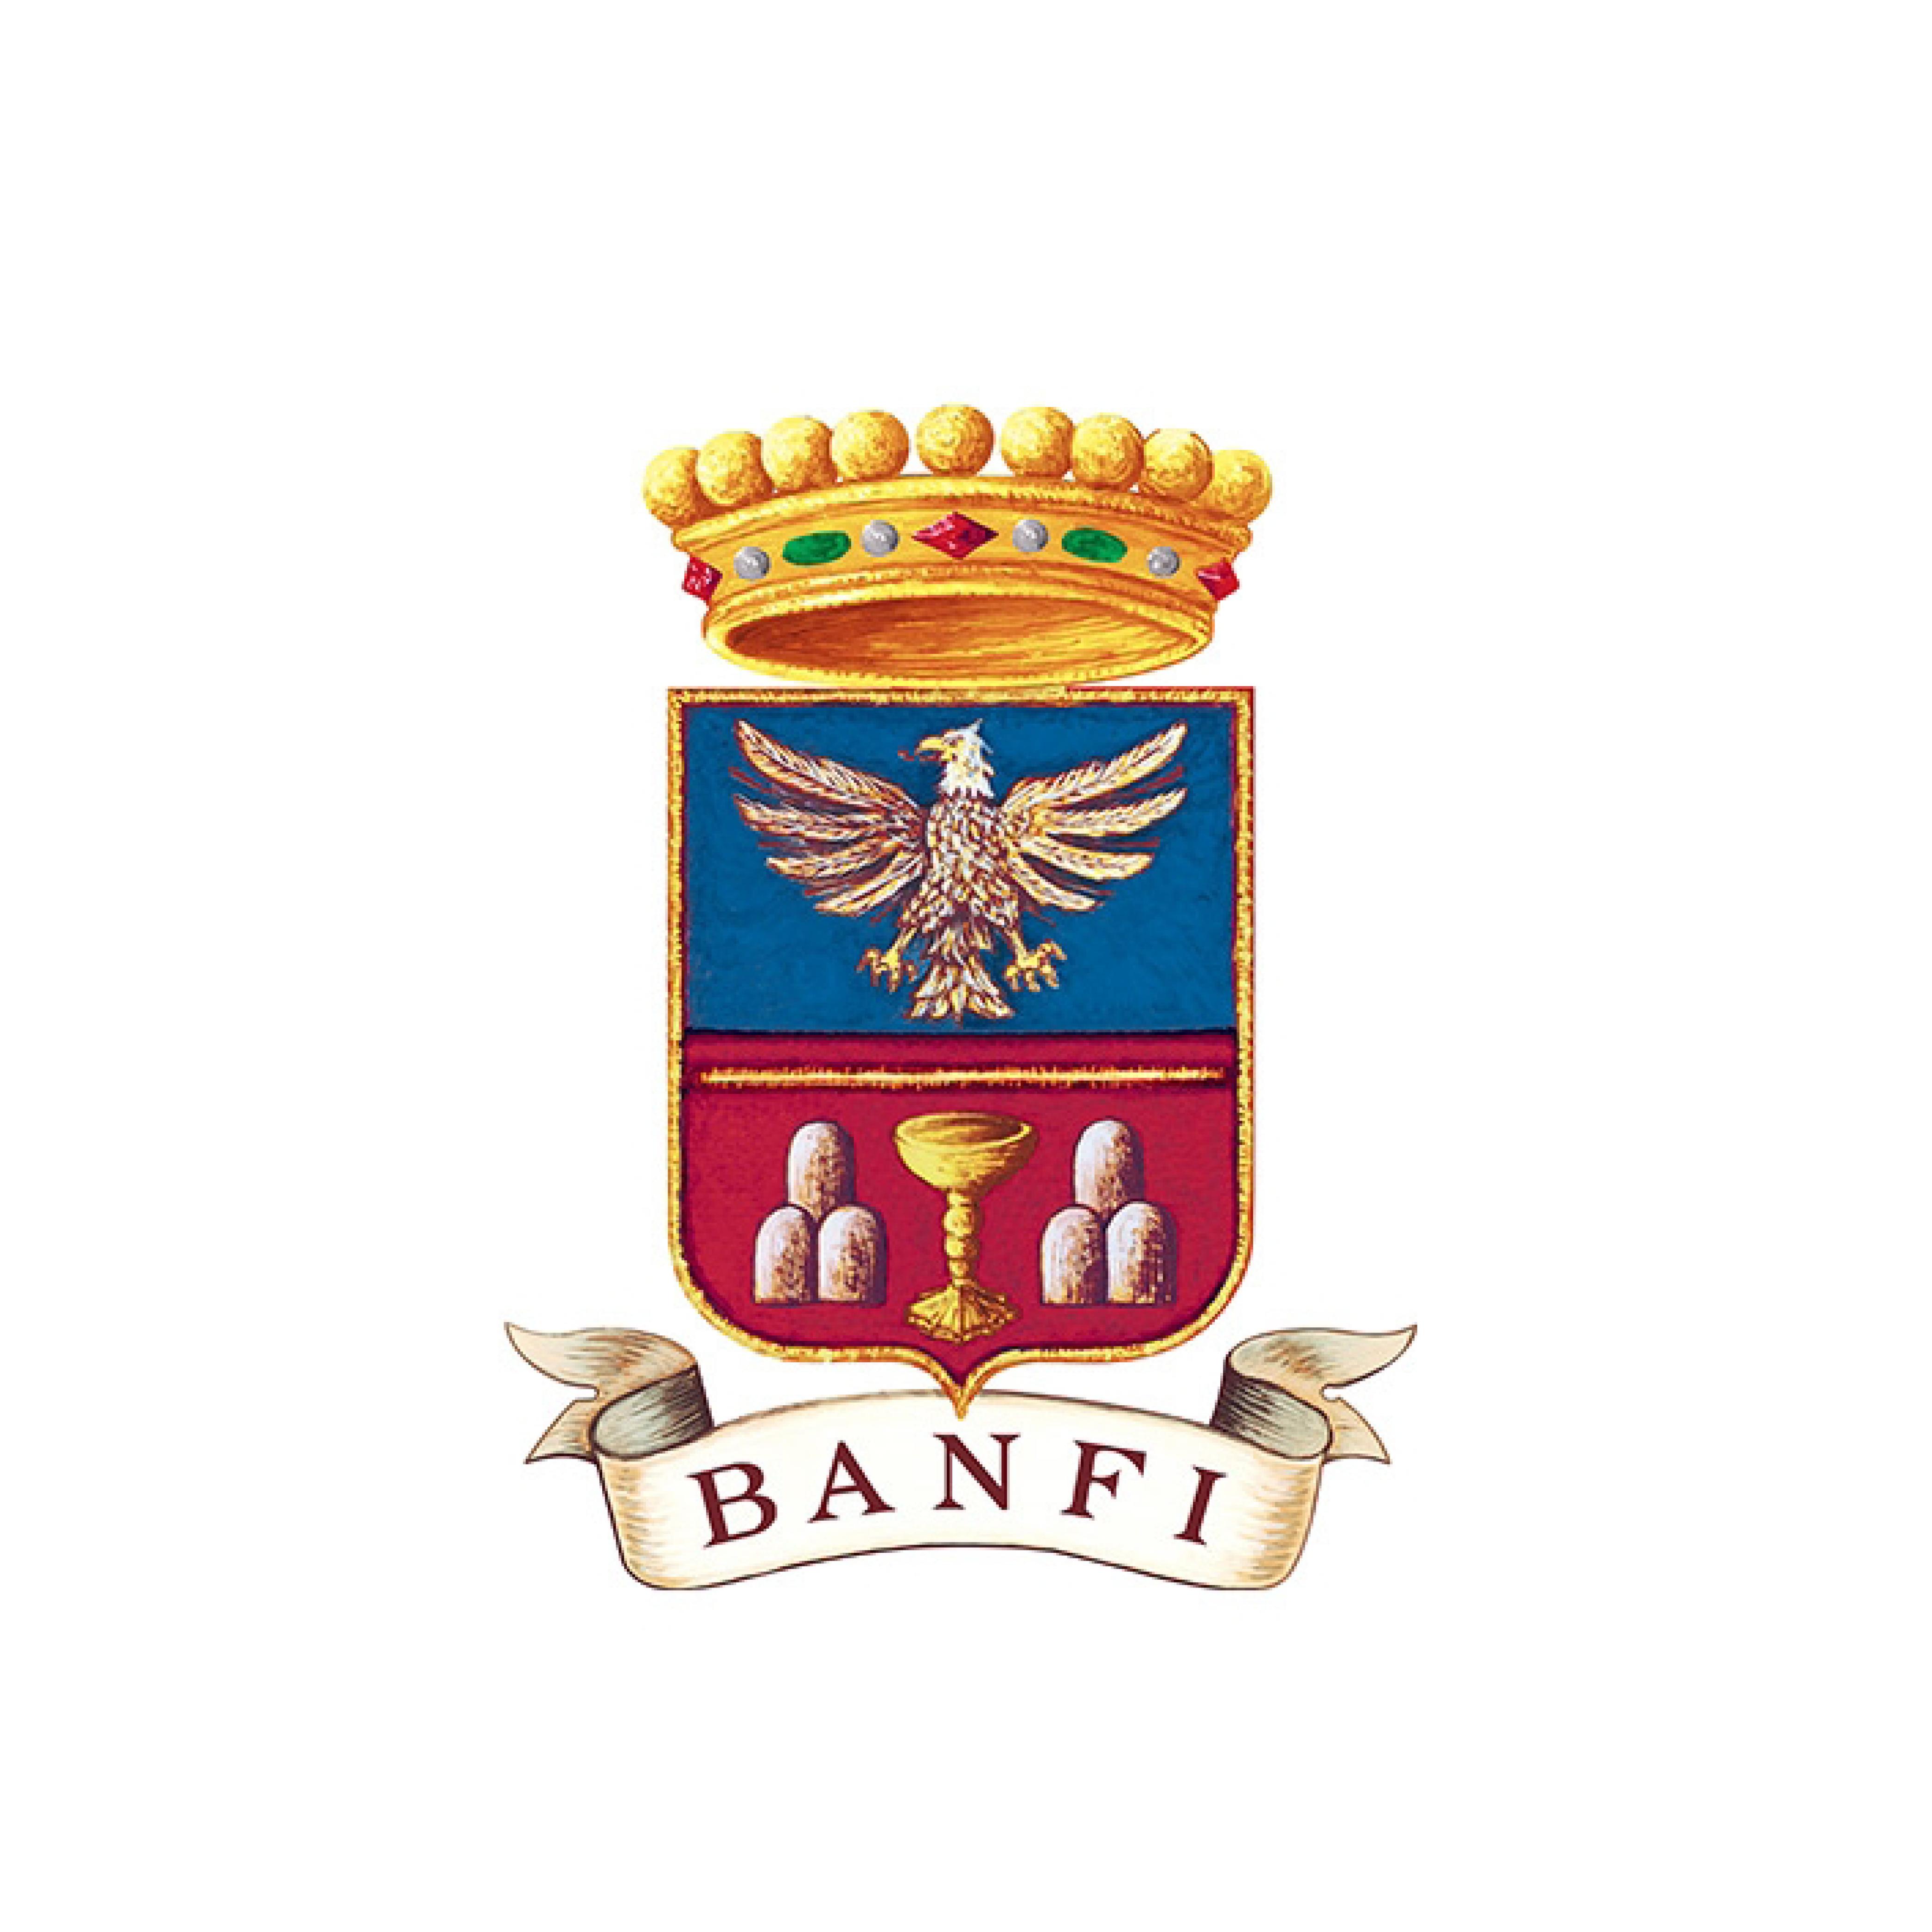 Banfi a Vinòforum Cla